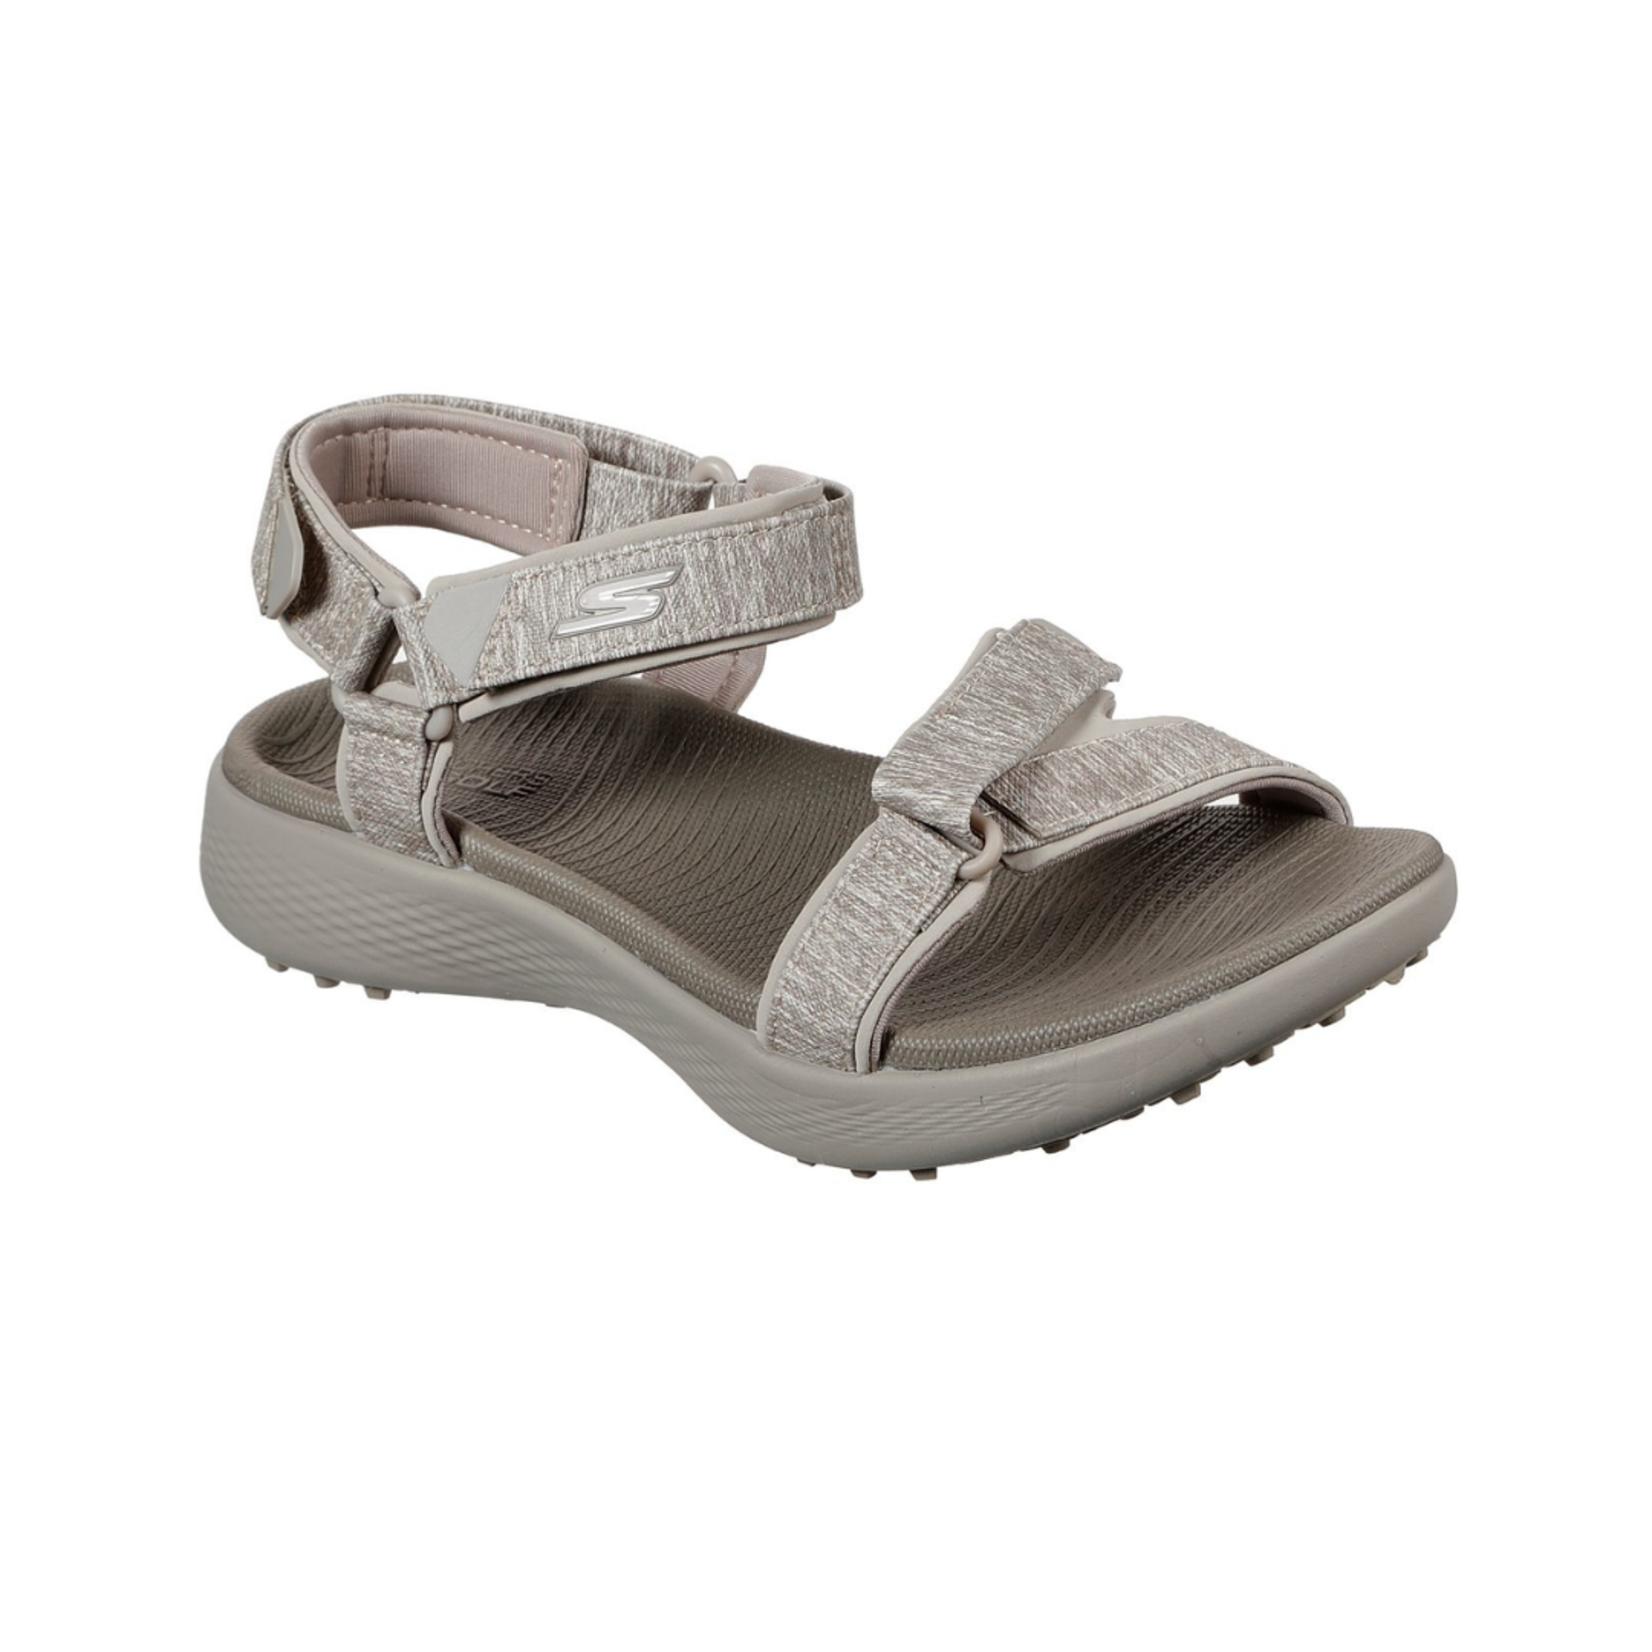 Skechers Skechers Go Golf 600 Sandal